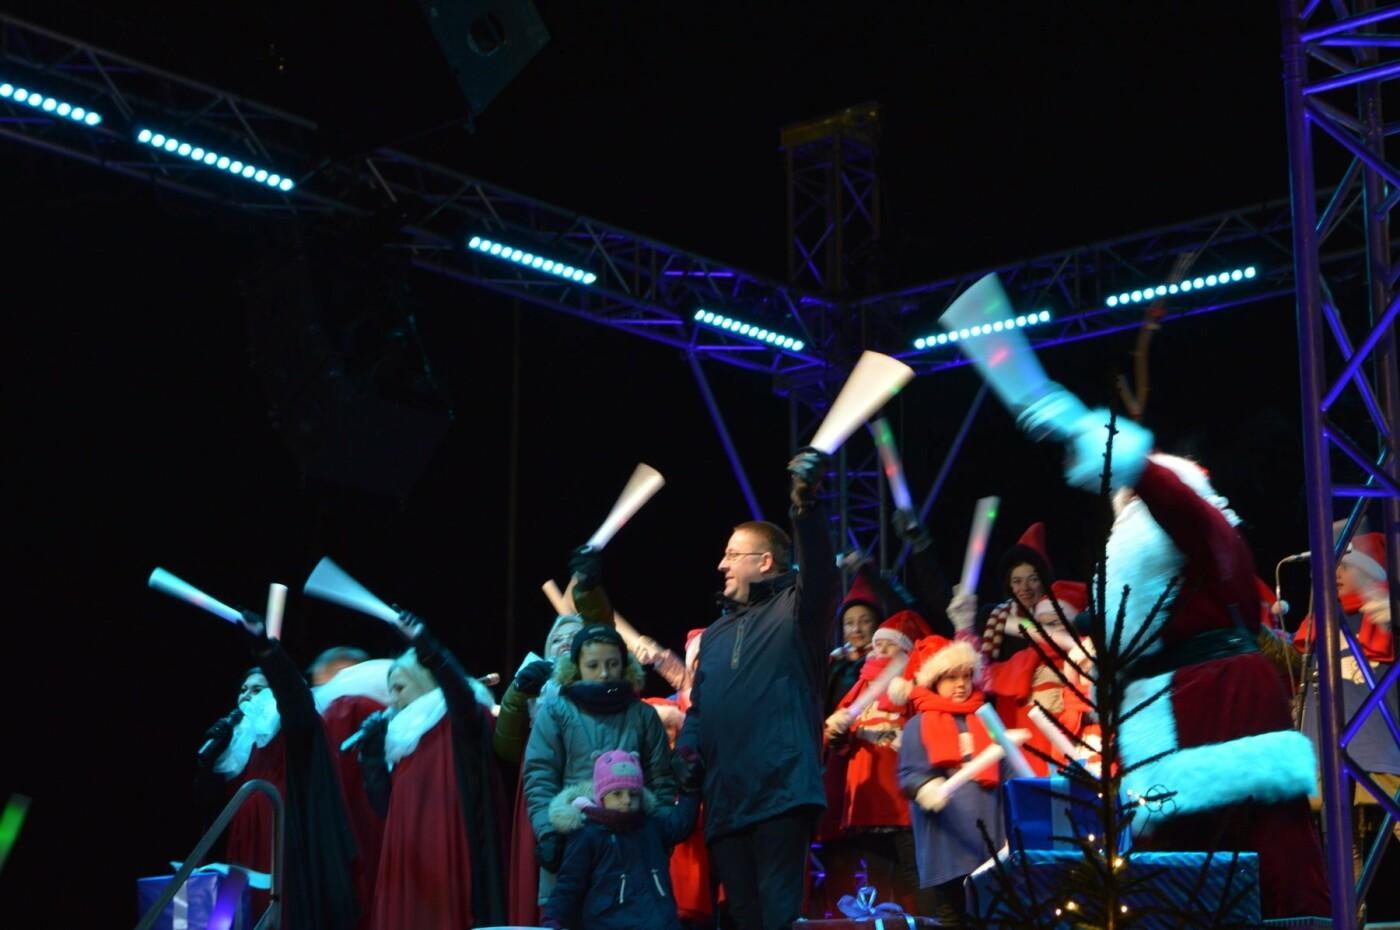 Palanga įžiebė eglę ir suspindo tūkstančiais kalėdinių šviesų, nuotrauka-10